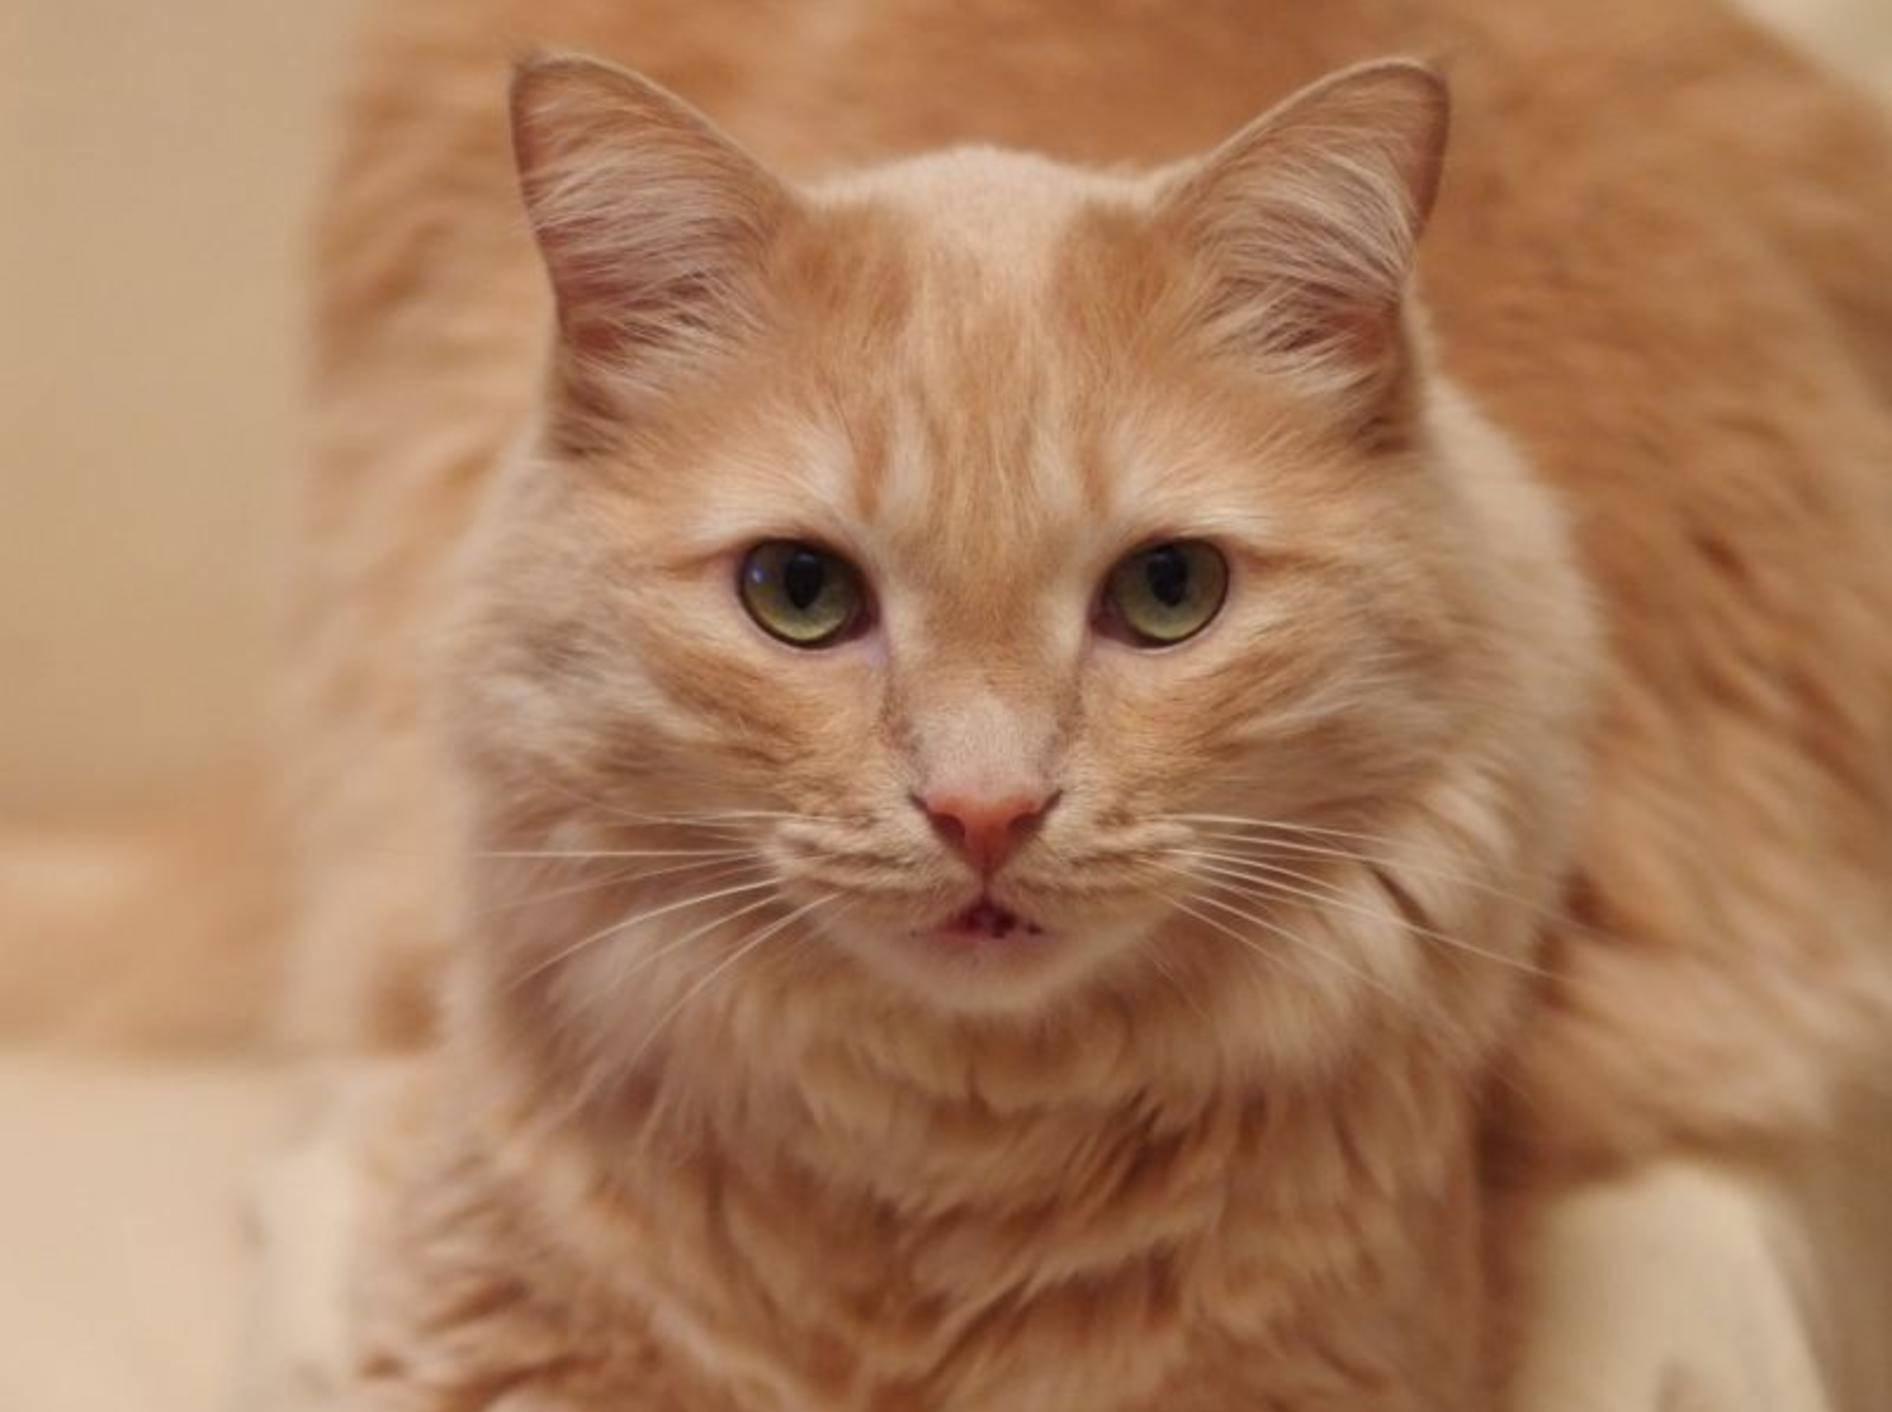 Katzenkrankheit HCM: Die Diagnose stellt der Tierarzt – Bild: Shutterstock / cartela